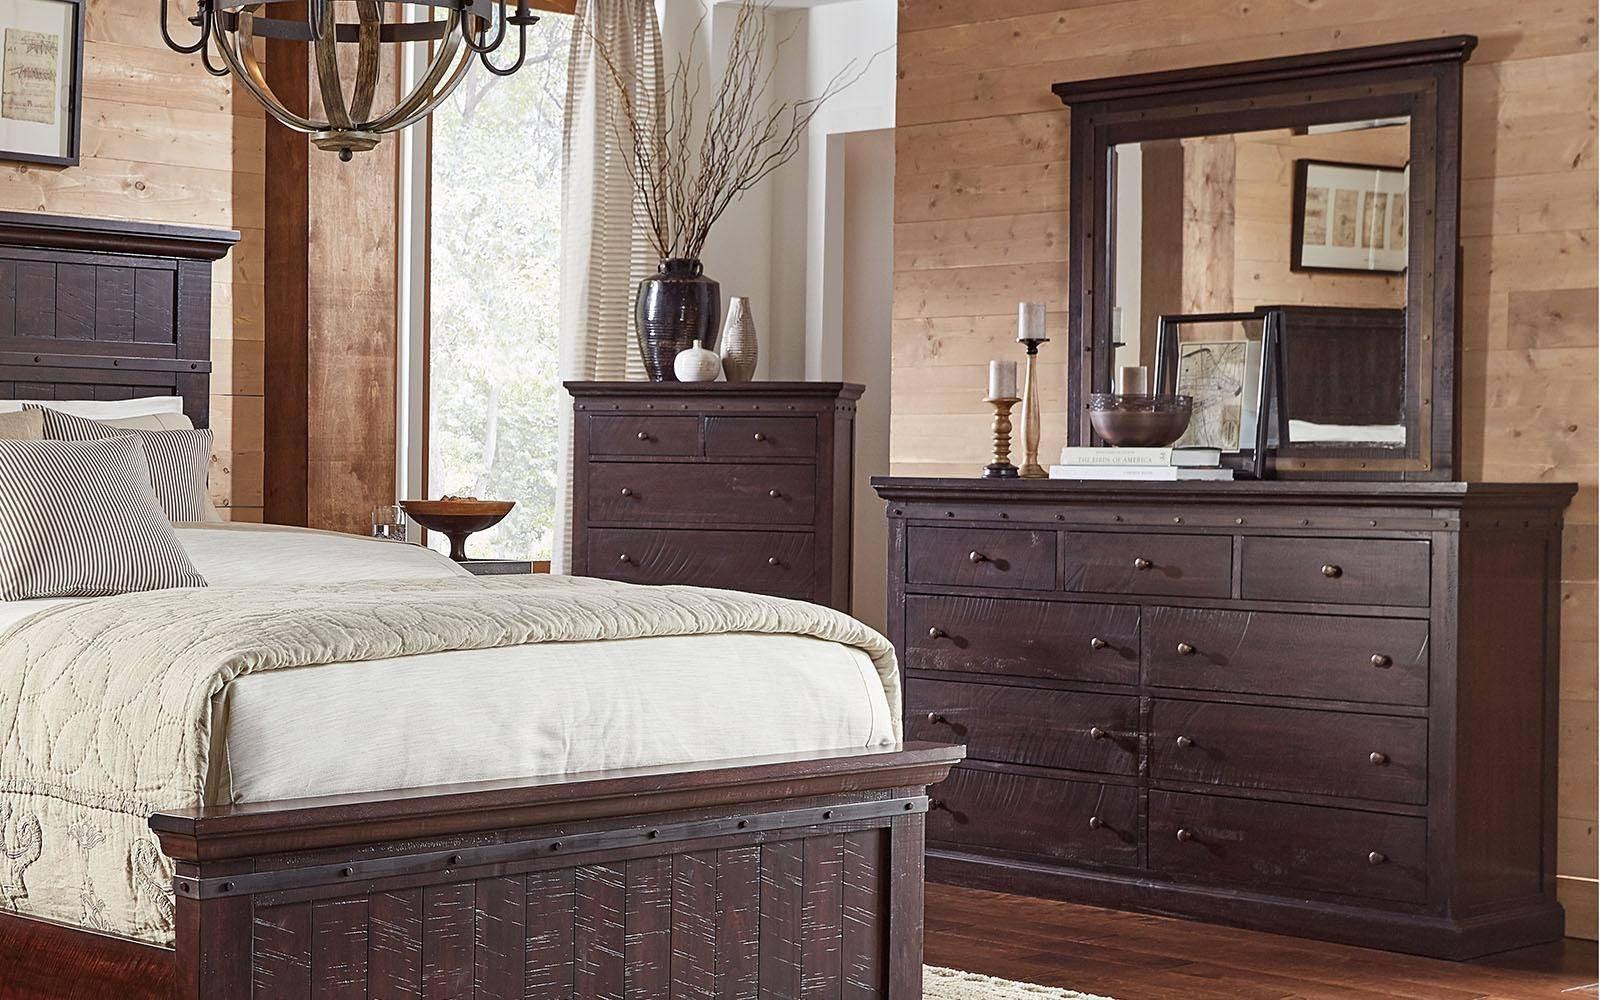 Rustic Bedroom Set King  Rustic King Panel Bedroom Set 4Pcs Mahogany JACRY5130 A